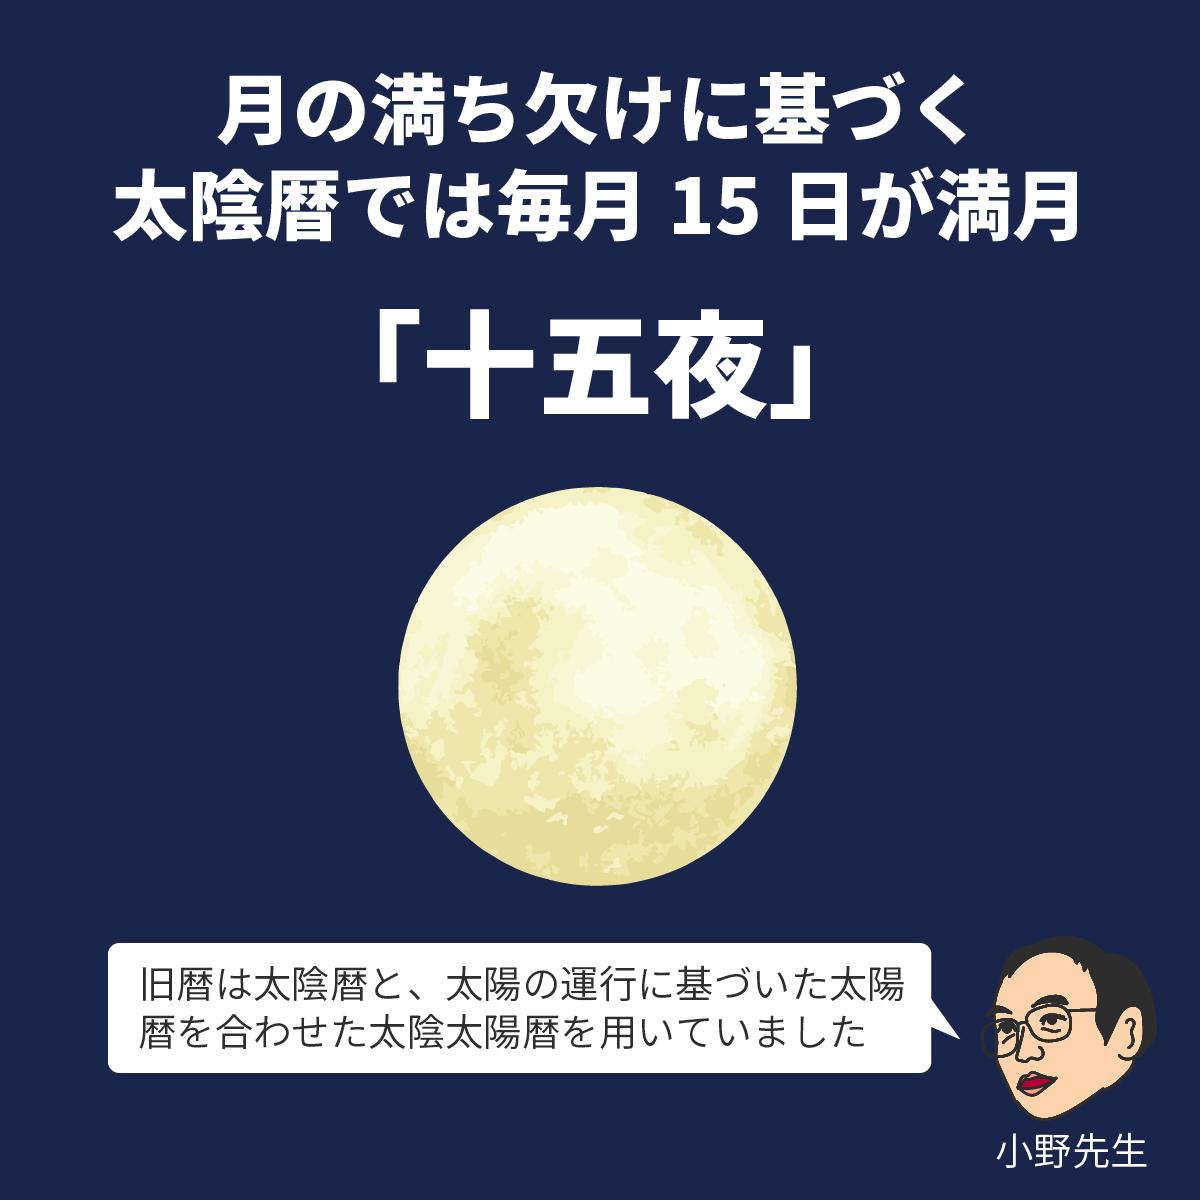 4コマことば図鑑 十五夜